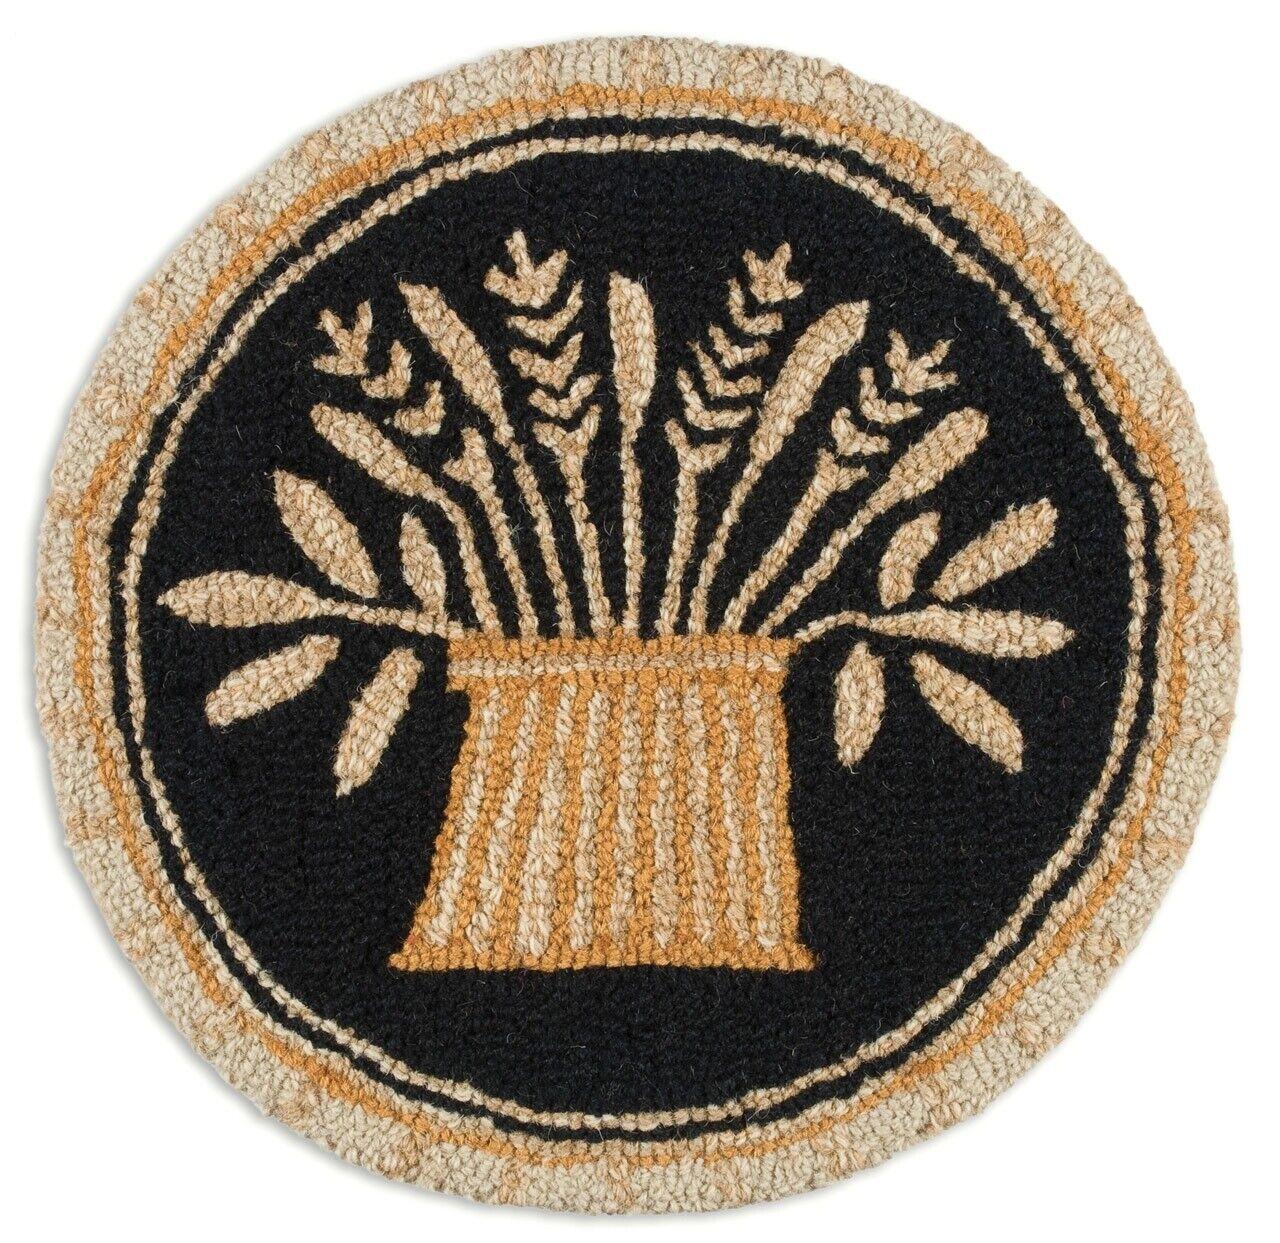 Buttermold 14  crochet laine coussins de chaise  Jeux  Chandler 4 Coins-Free Ship